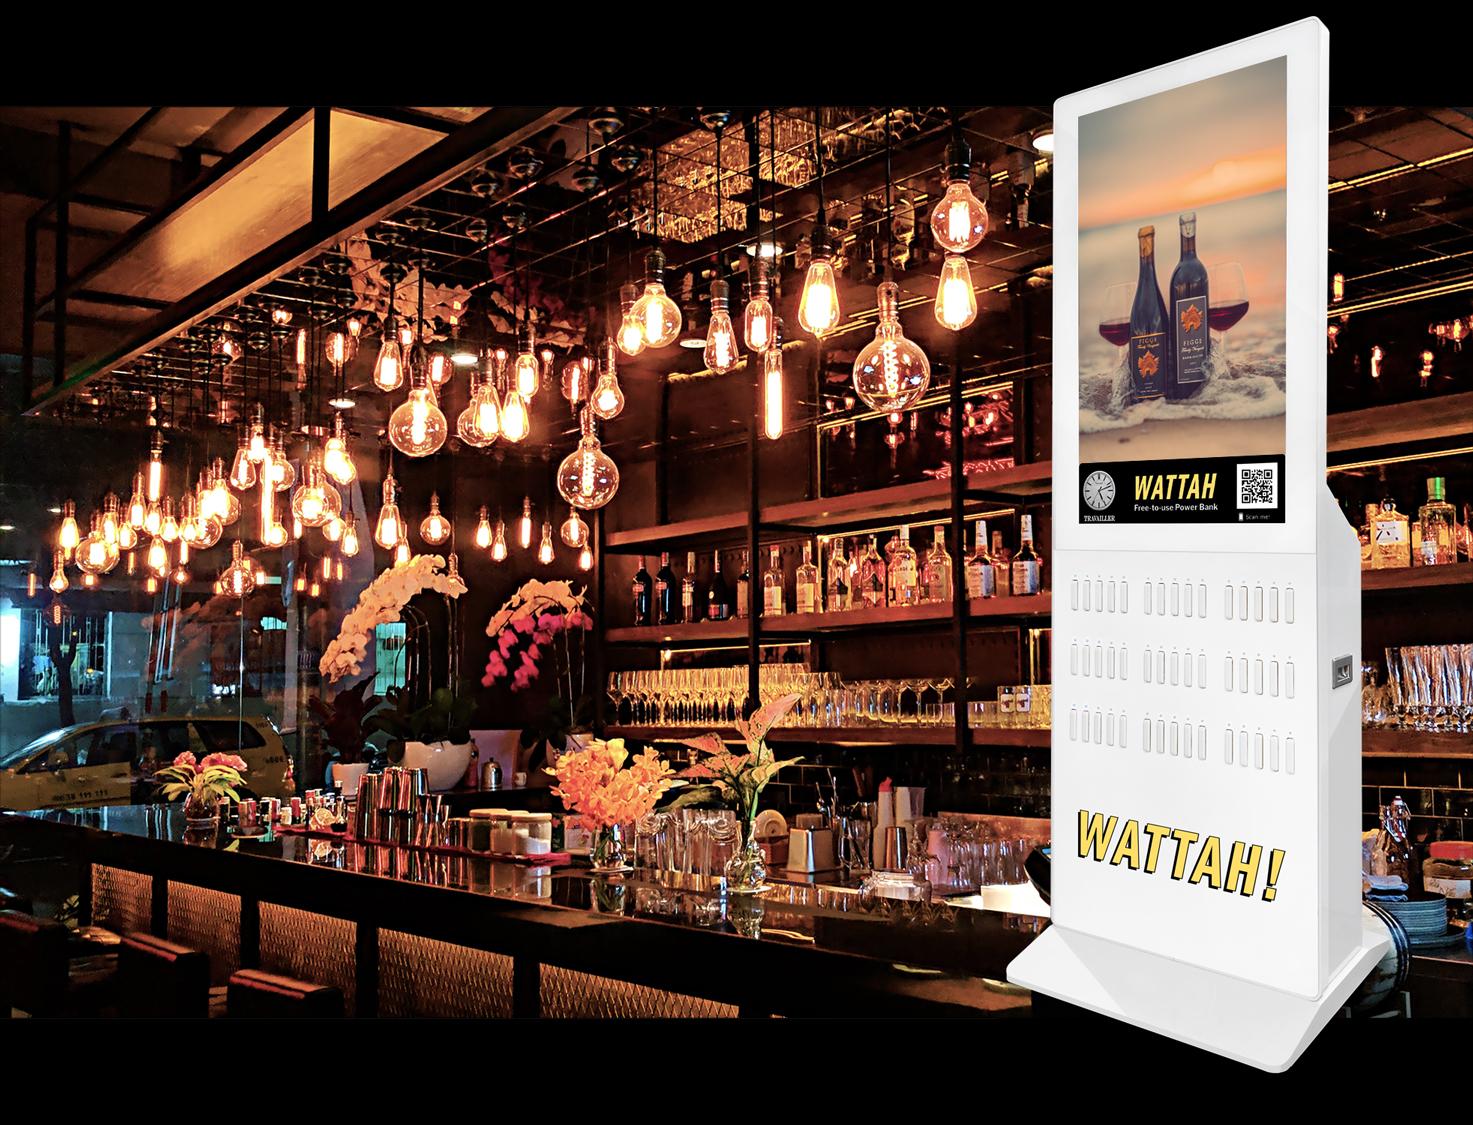 bar-and-wattah-kiosk